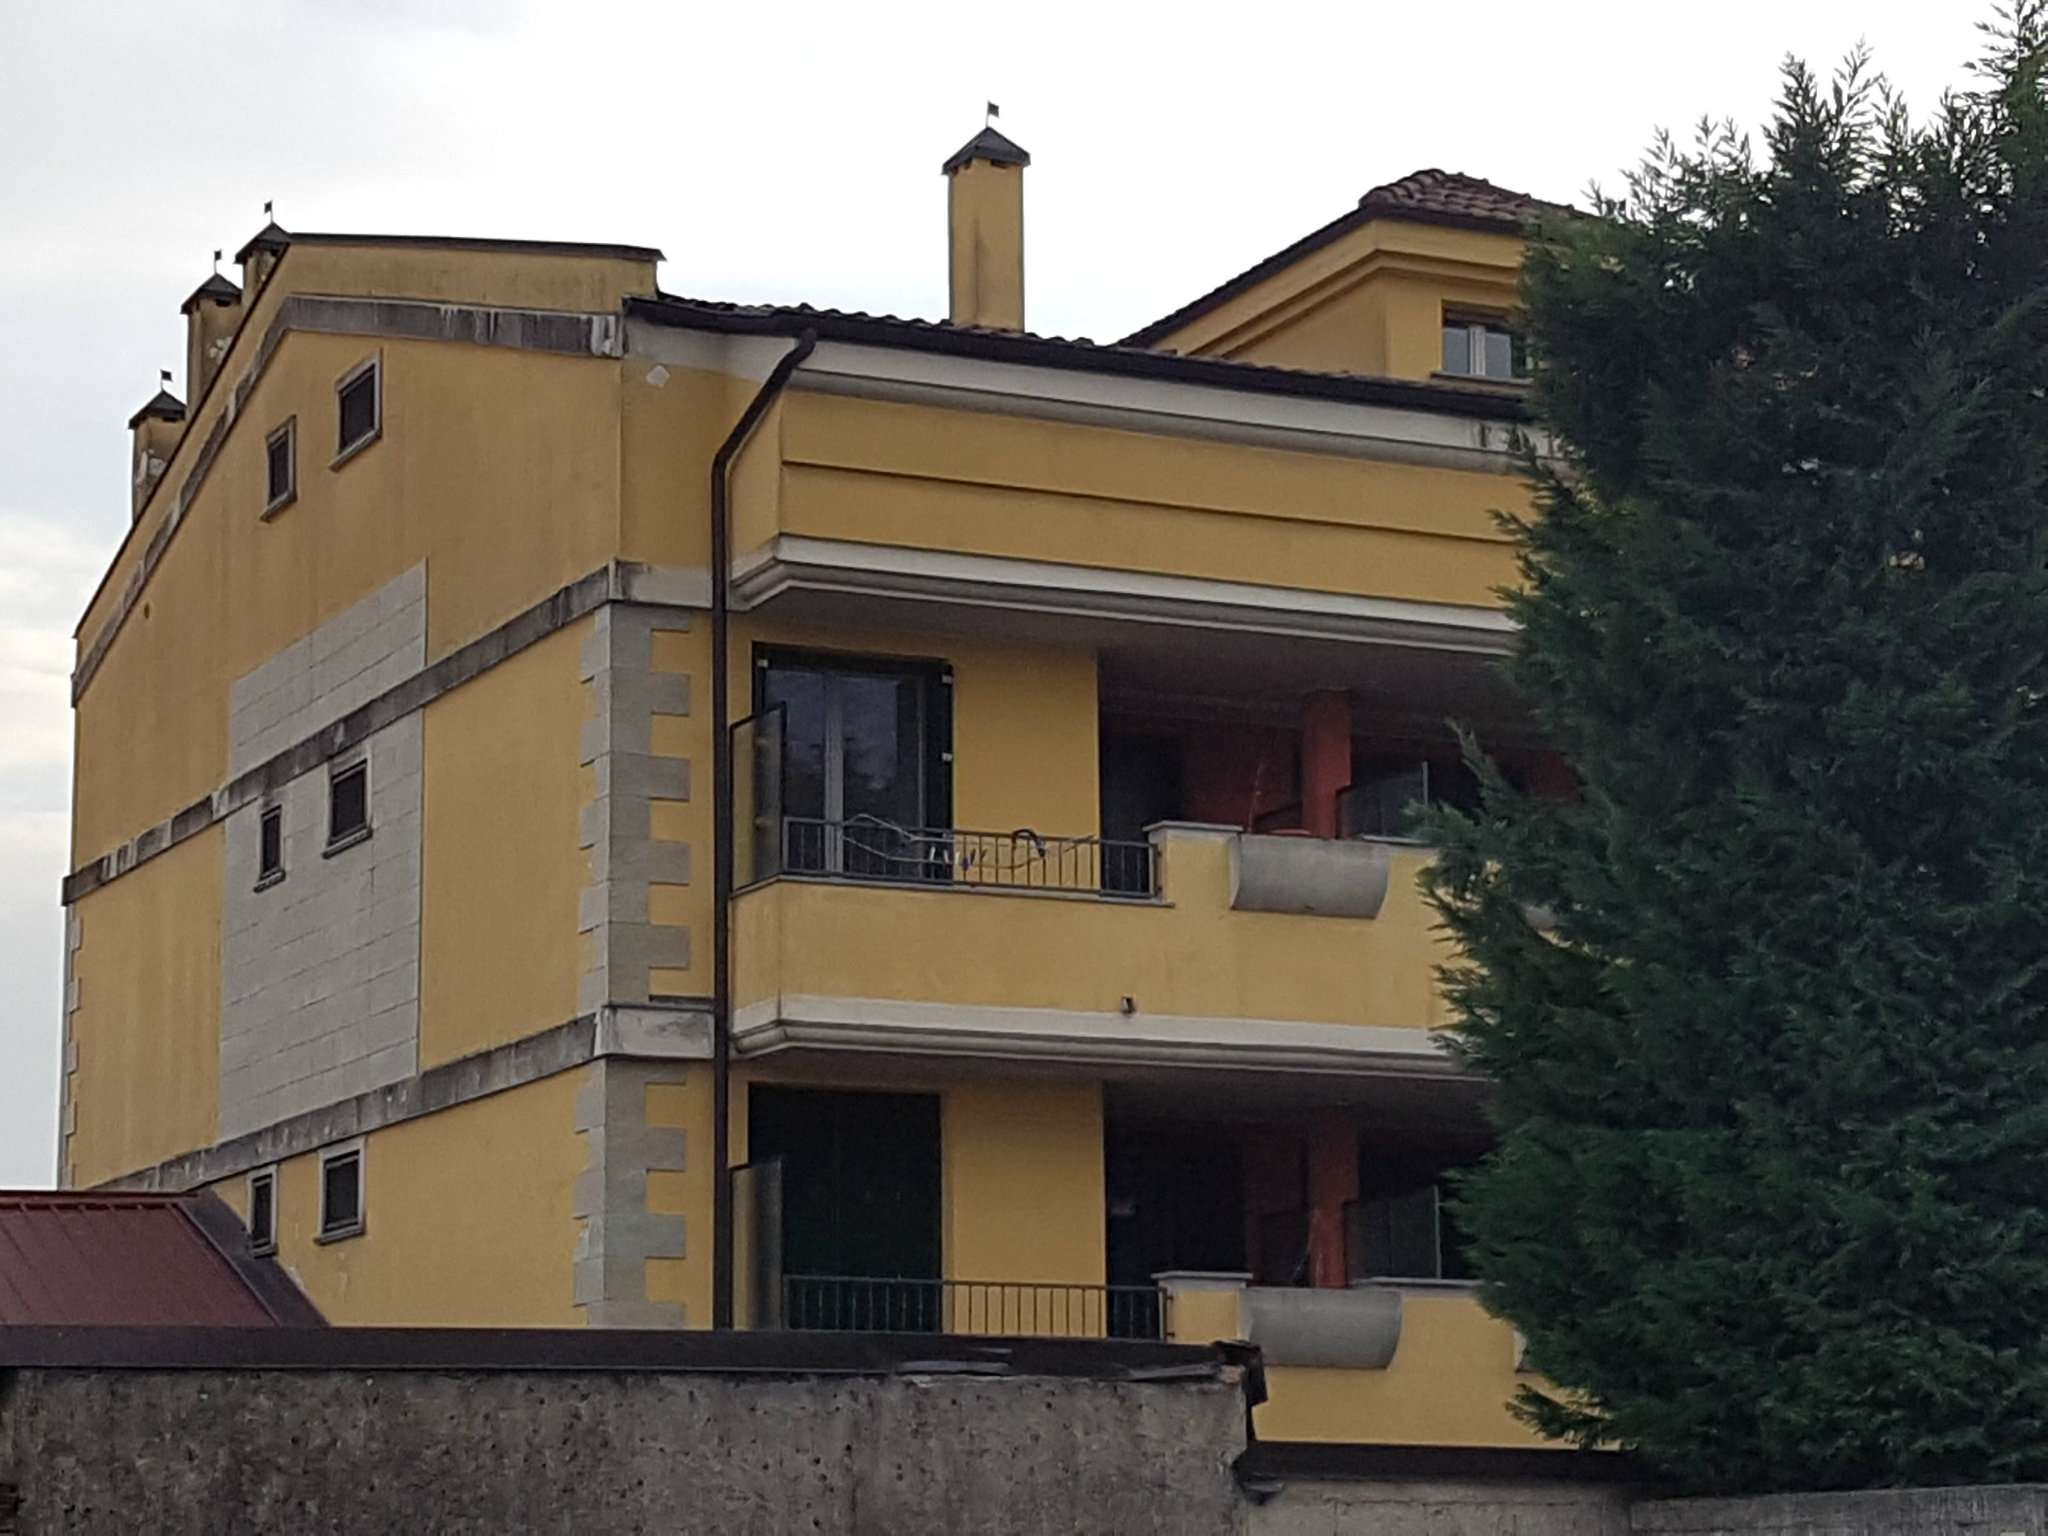 Attico / Mansarda in vendita a Paullo, 2 locali, prezzo € 88.000 | CambioCasa.it